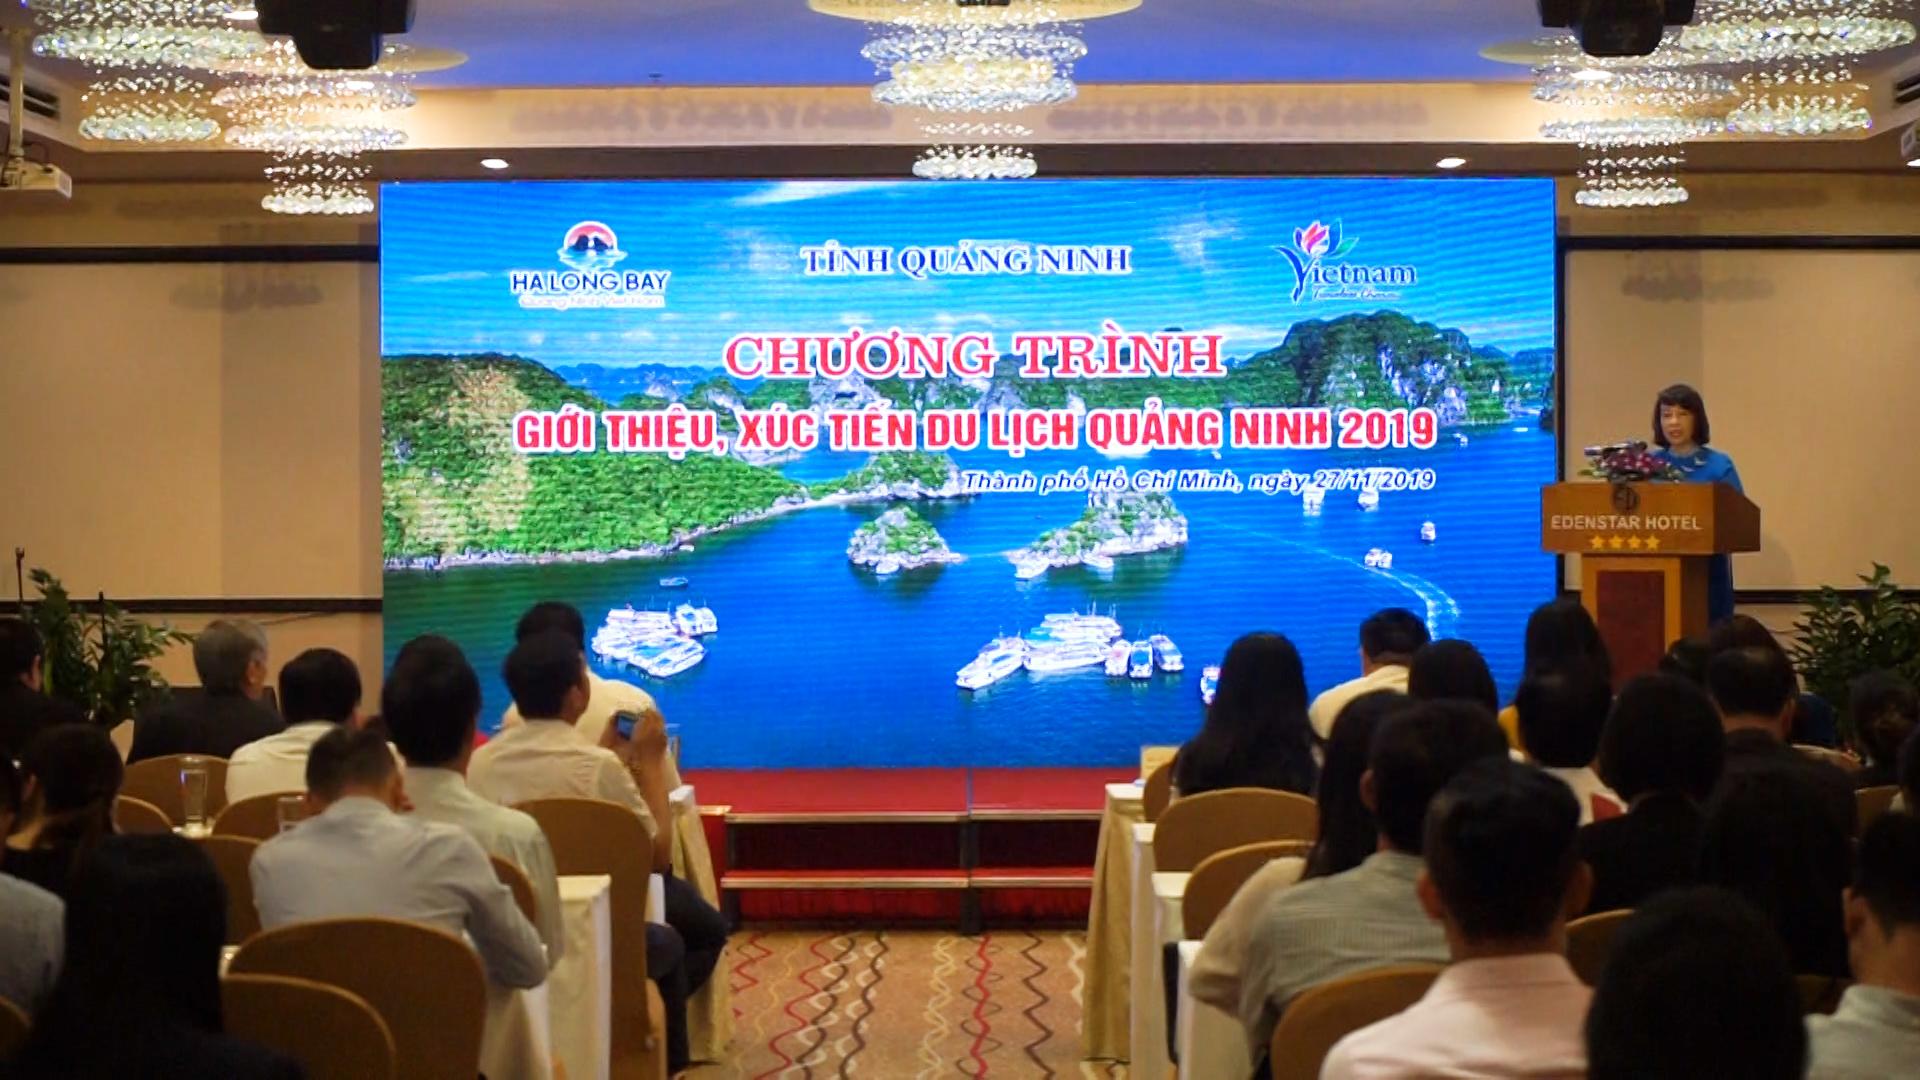 Quảng Ninh giới thiệu, xúc tiến du lịch tại TP Hồ Chí Minh